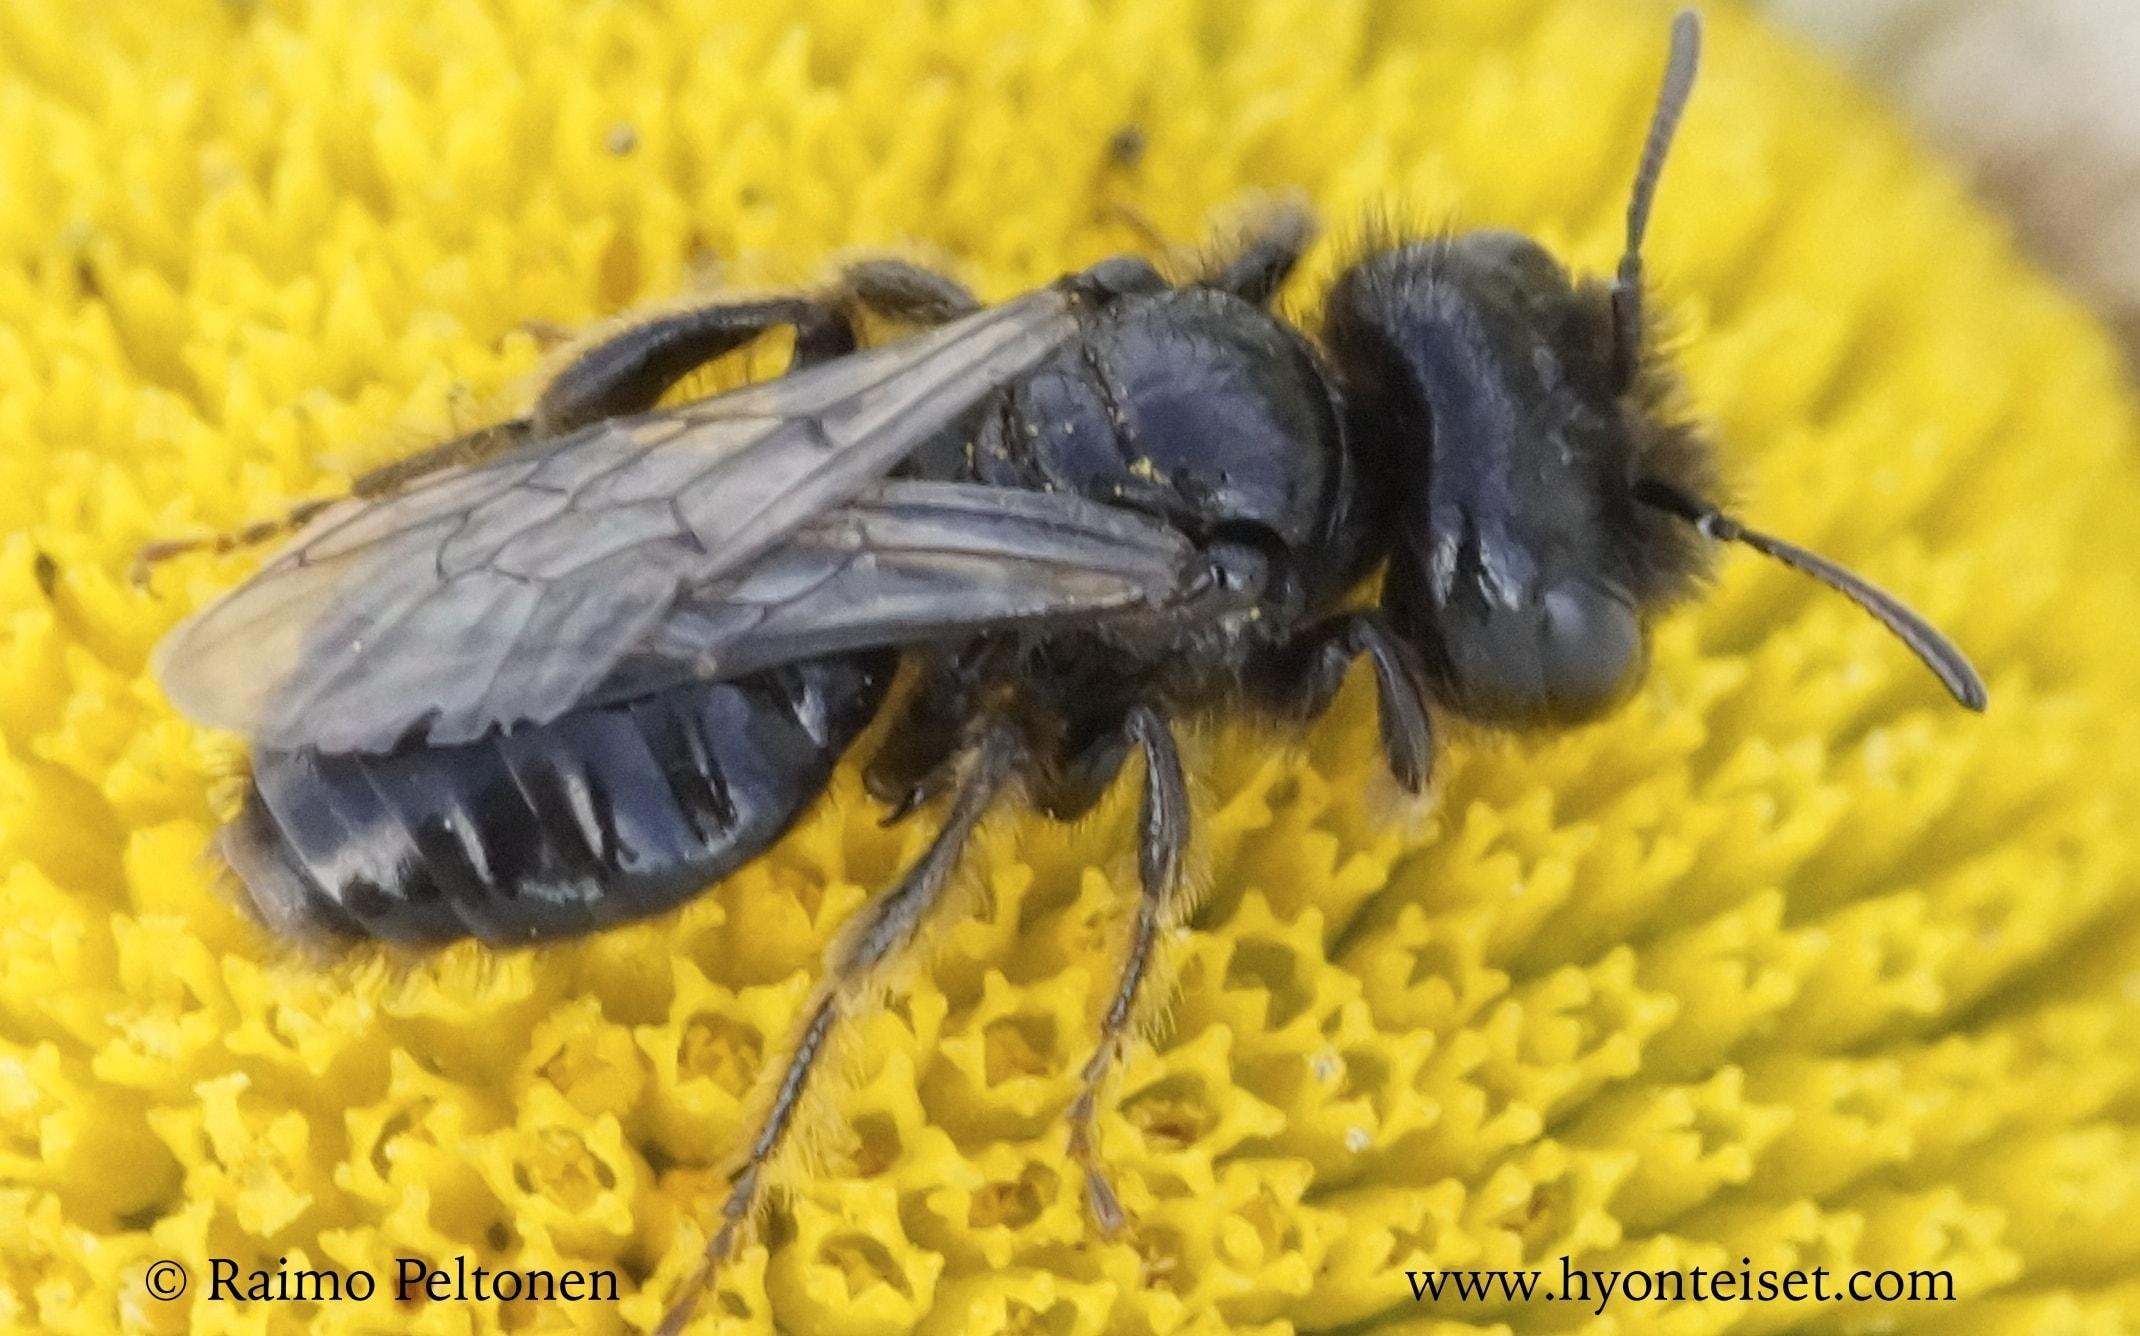 Panurgus calcaratus-pikkupiehtarimehiläinen, koiras (det. Juho Paukkunen)